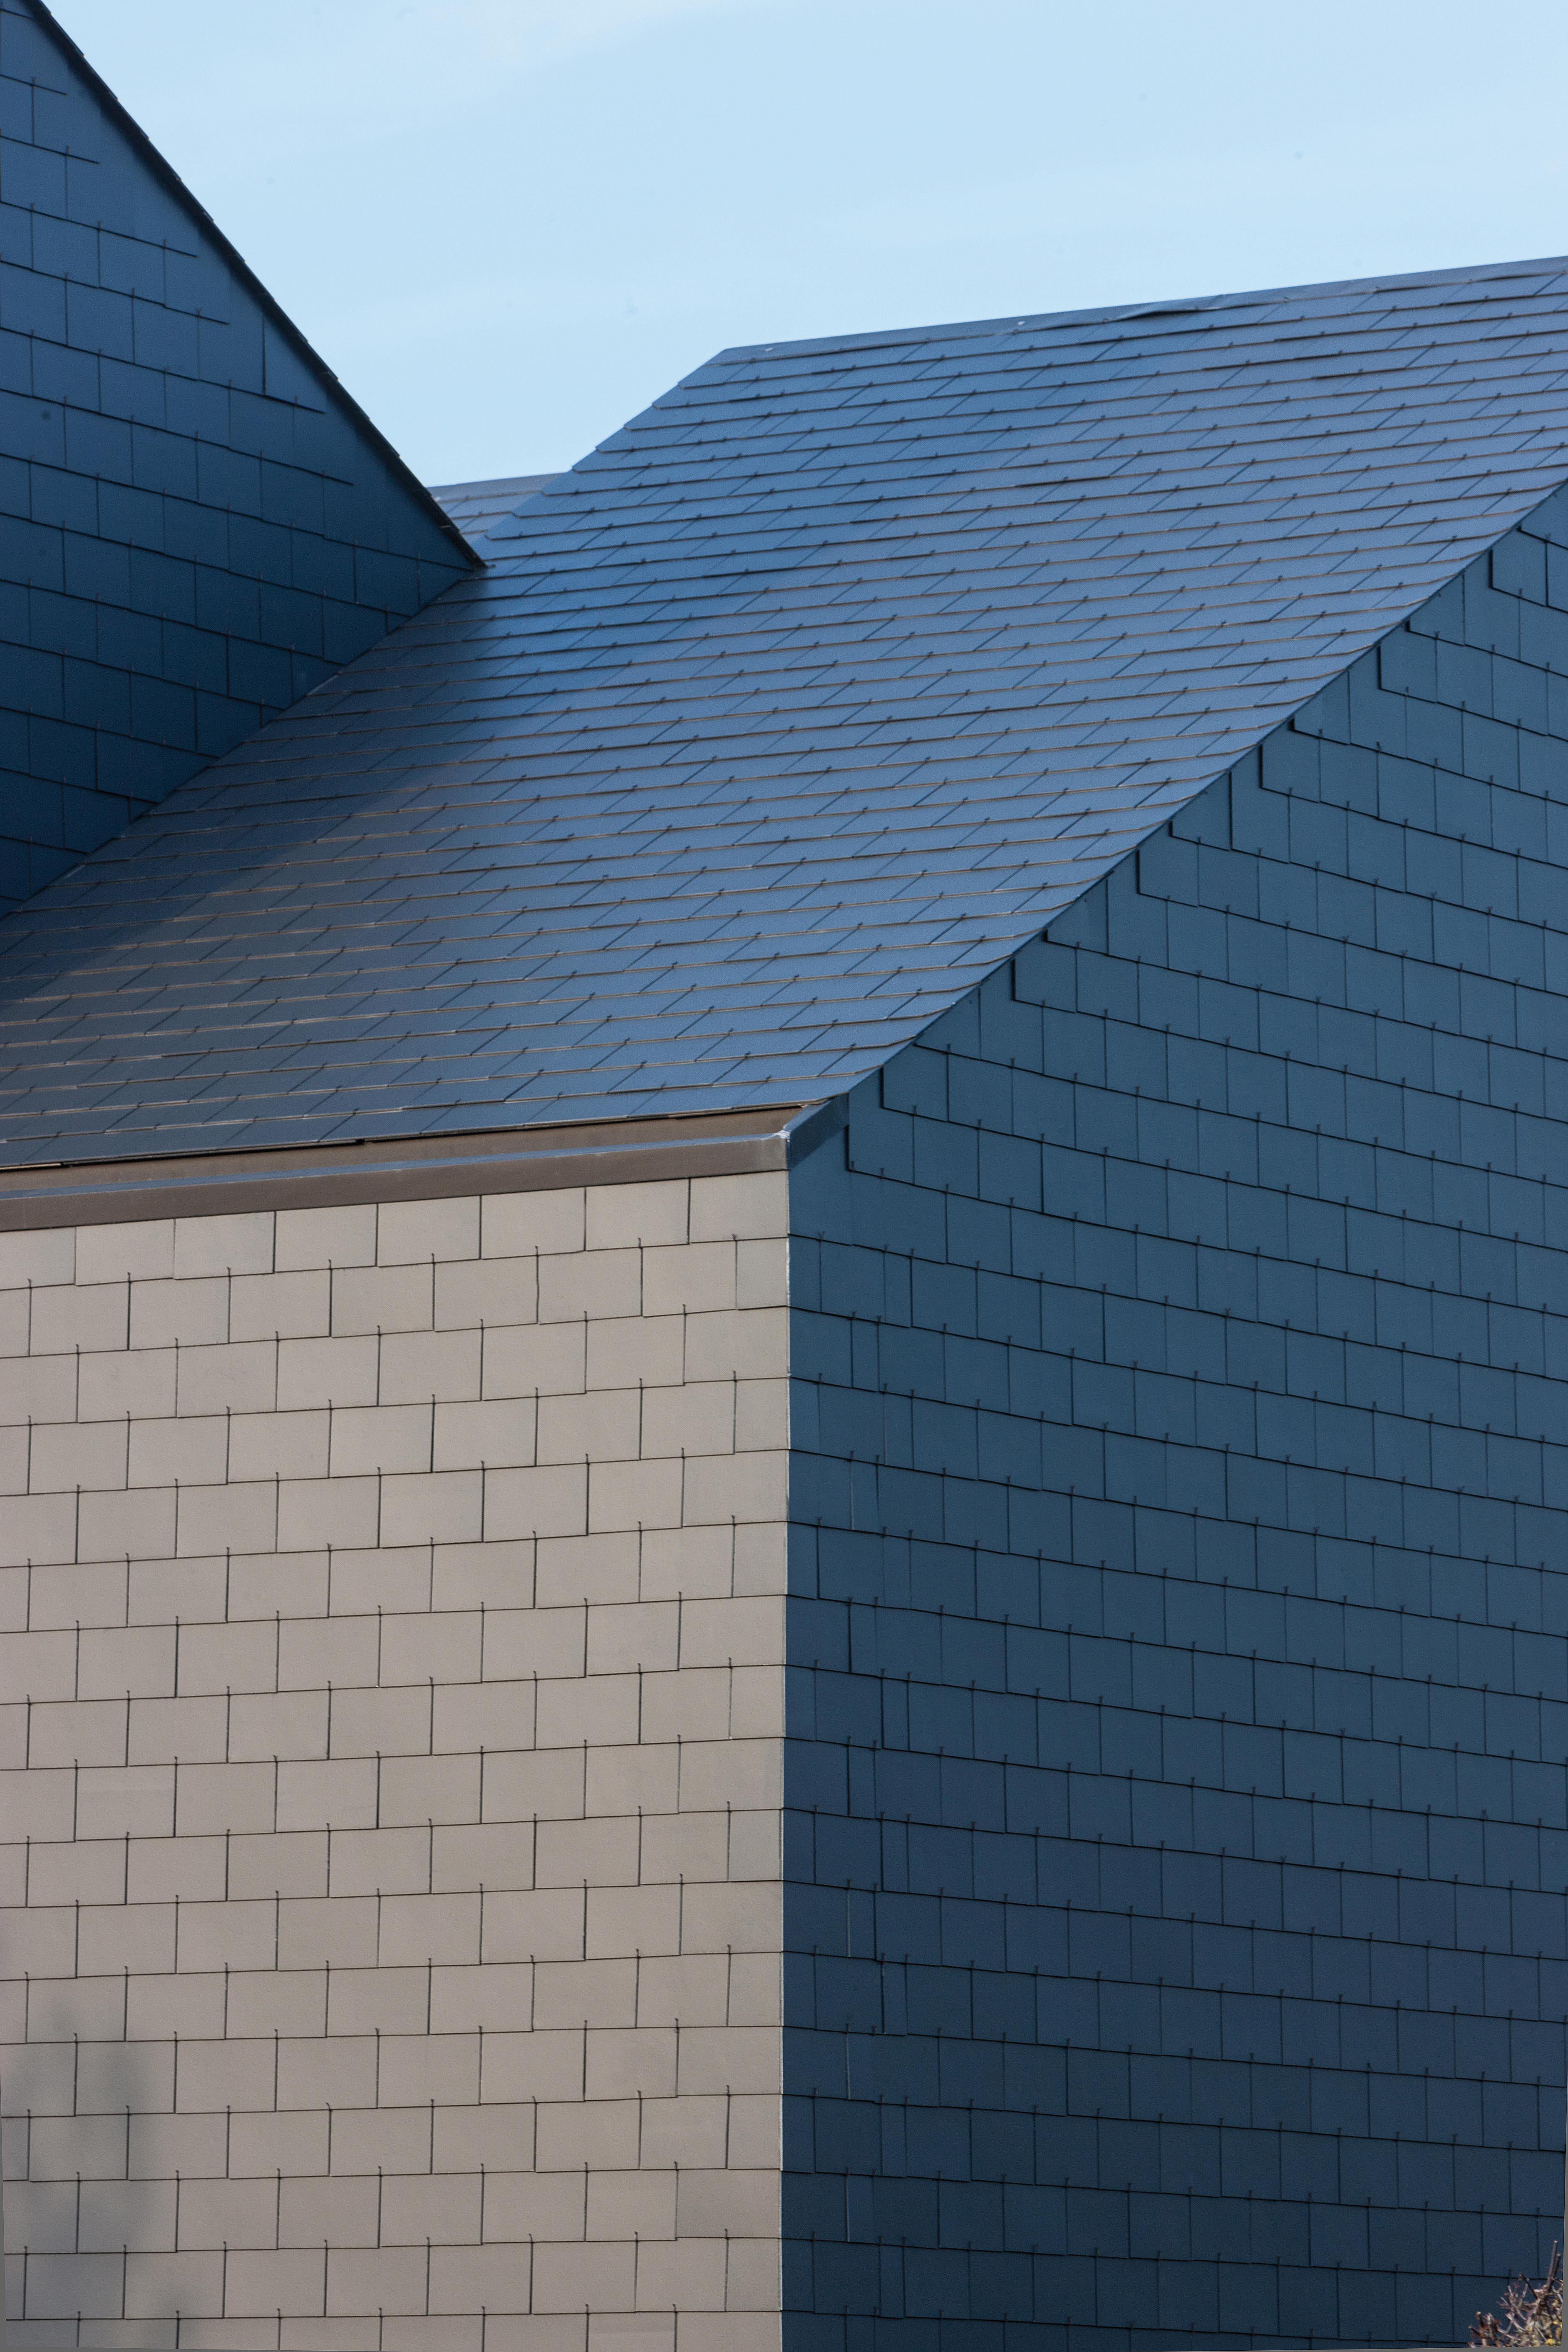 Marcel Van Coile Waarschoot1009 3580 Roofing Cladding